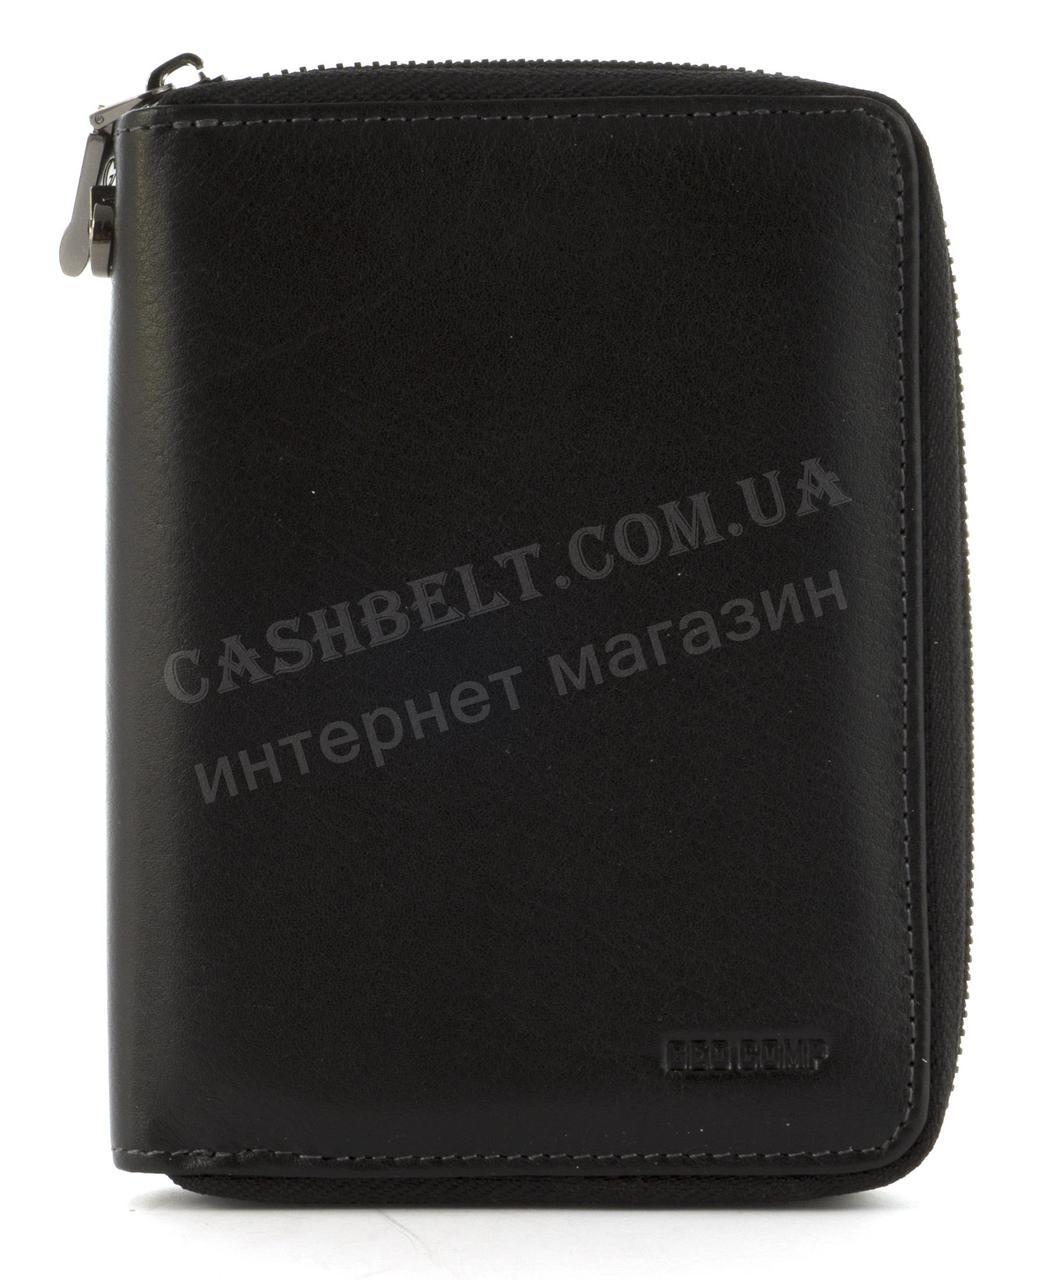 Маленька стильна міцна барсетка гаманець з натуральної високоякісної шкіри GEO COMP art. G-134B чорний